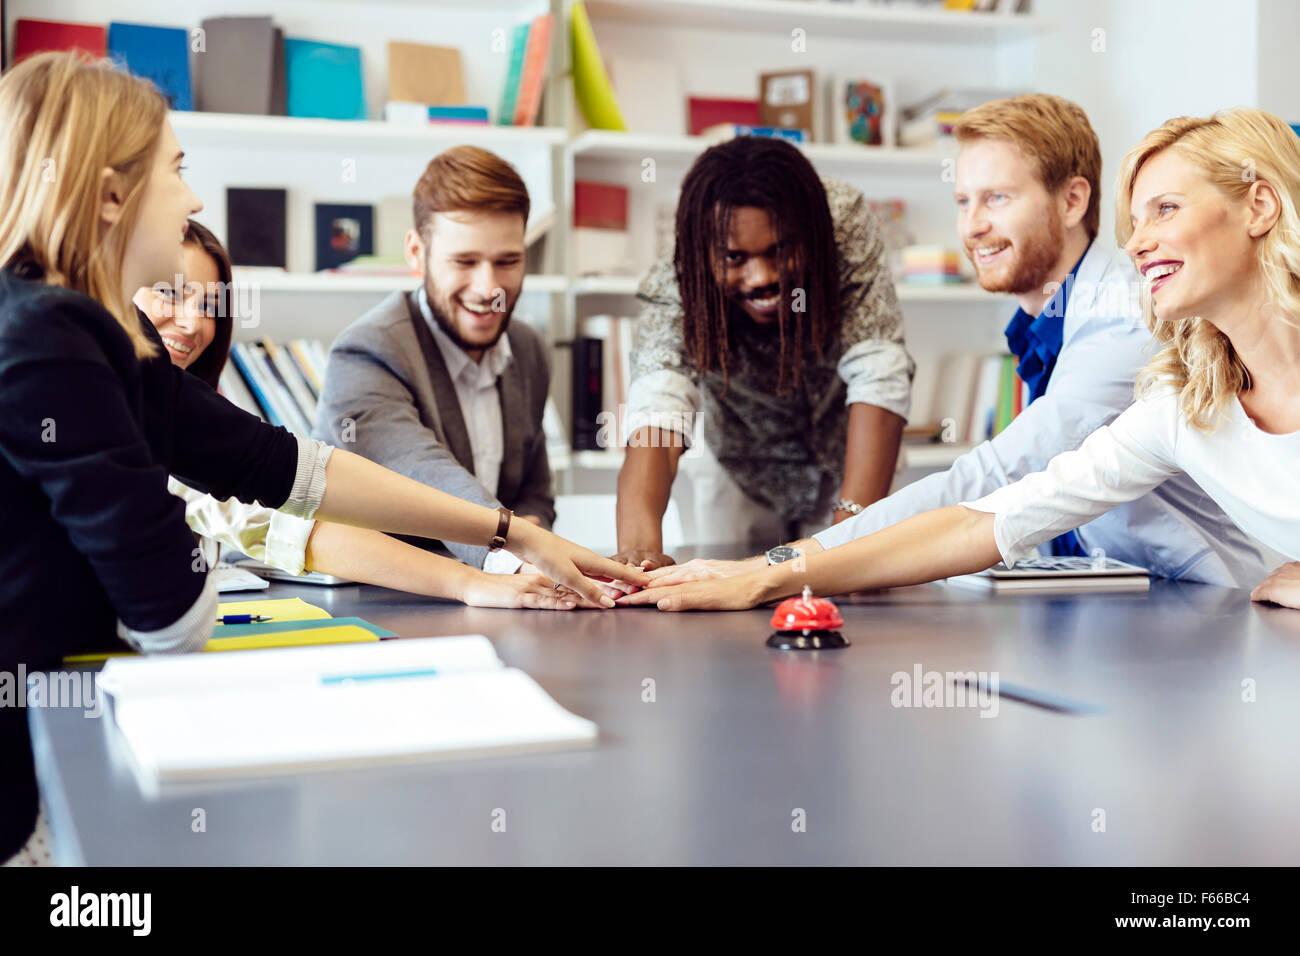 Naciones como uno para lograr los objetivos de la empresa - cada colega poniendo empeño en el proyecto Imagen De Stock